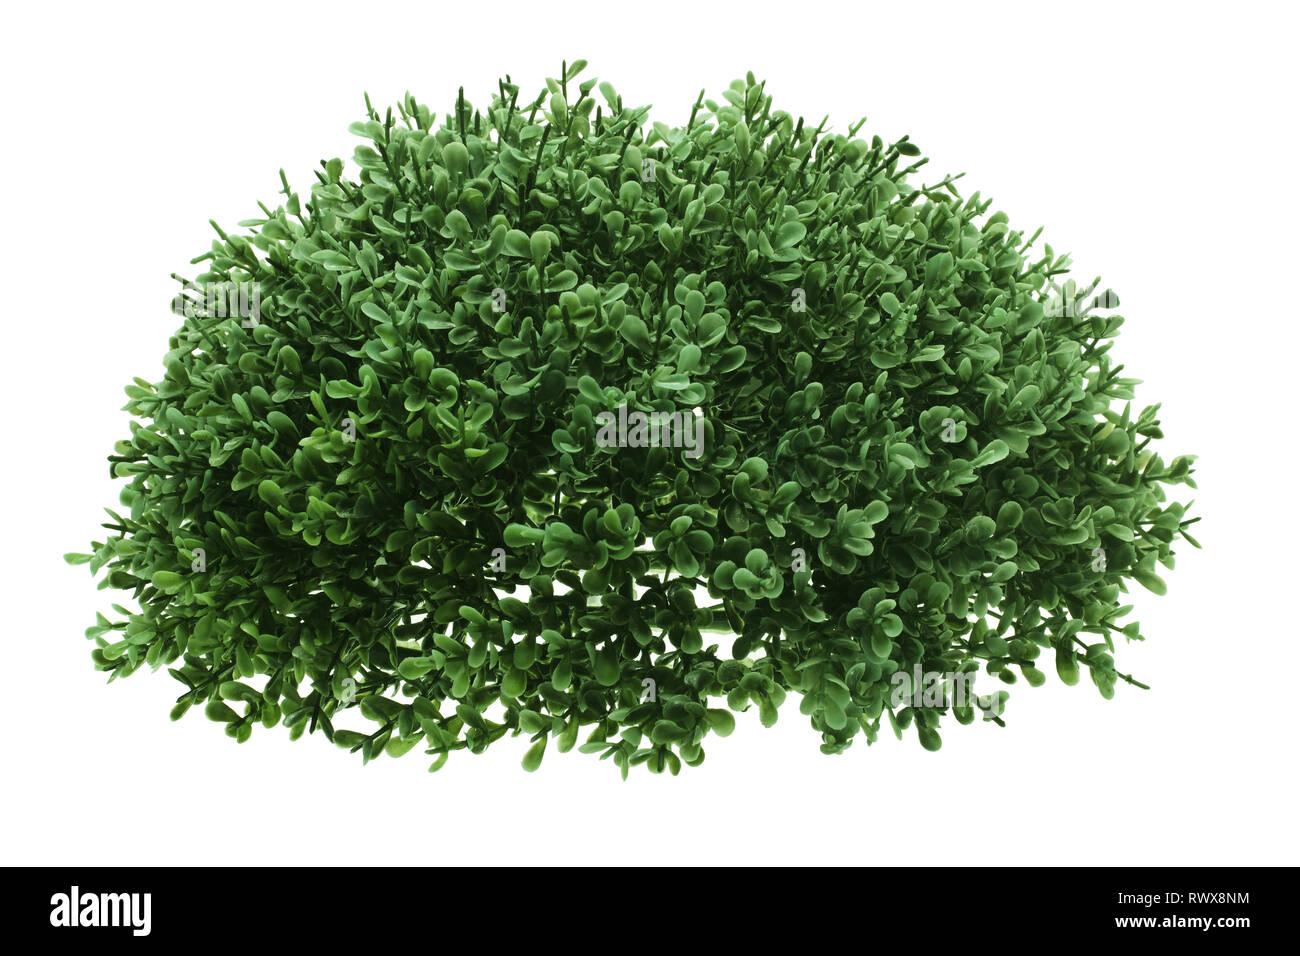 Grüner Strauch auf weißem Hintergrund Stockfoto